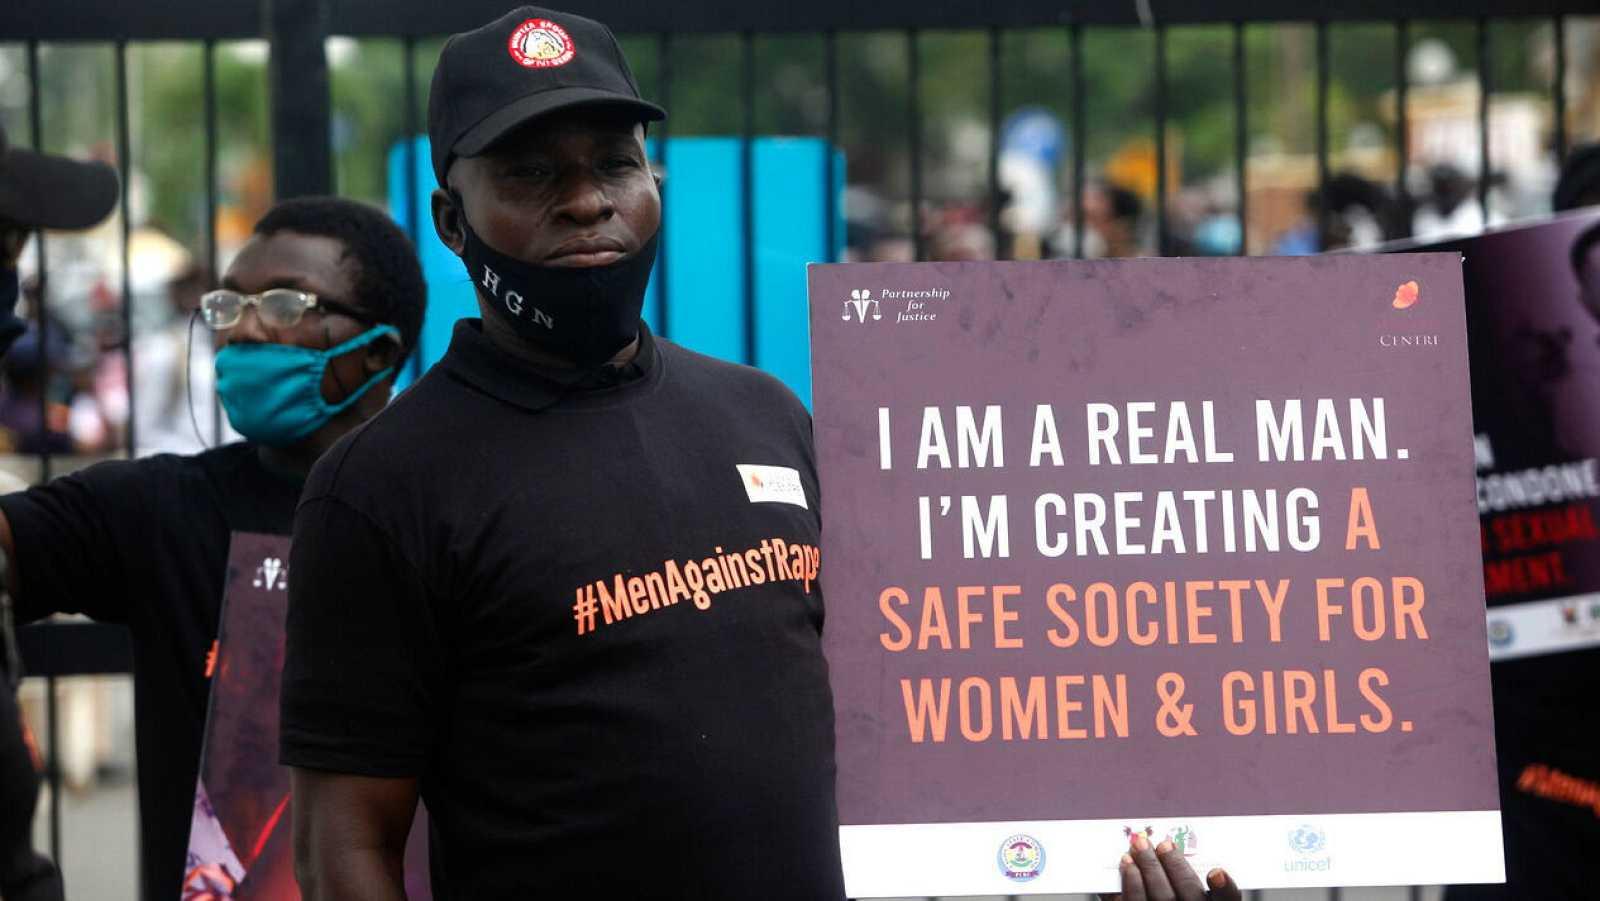 """Un miembro de la 'Coalición de Hombres contra la Violación' sostiene una pancarta en la que se puede leer """"soy un hombre de verdad. Estoy creando una sociedad segura para mujeres y niñas"""", durante una protesta callejera y una campaña de iluminación e"""